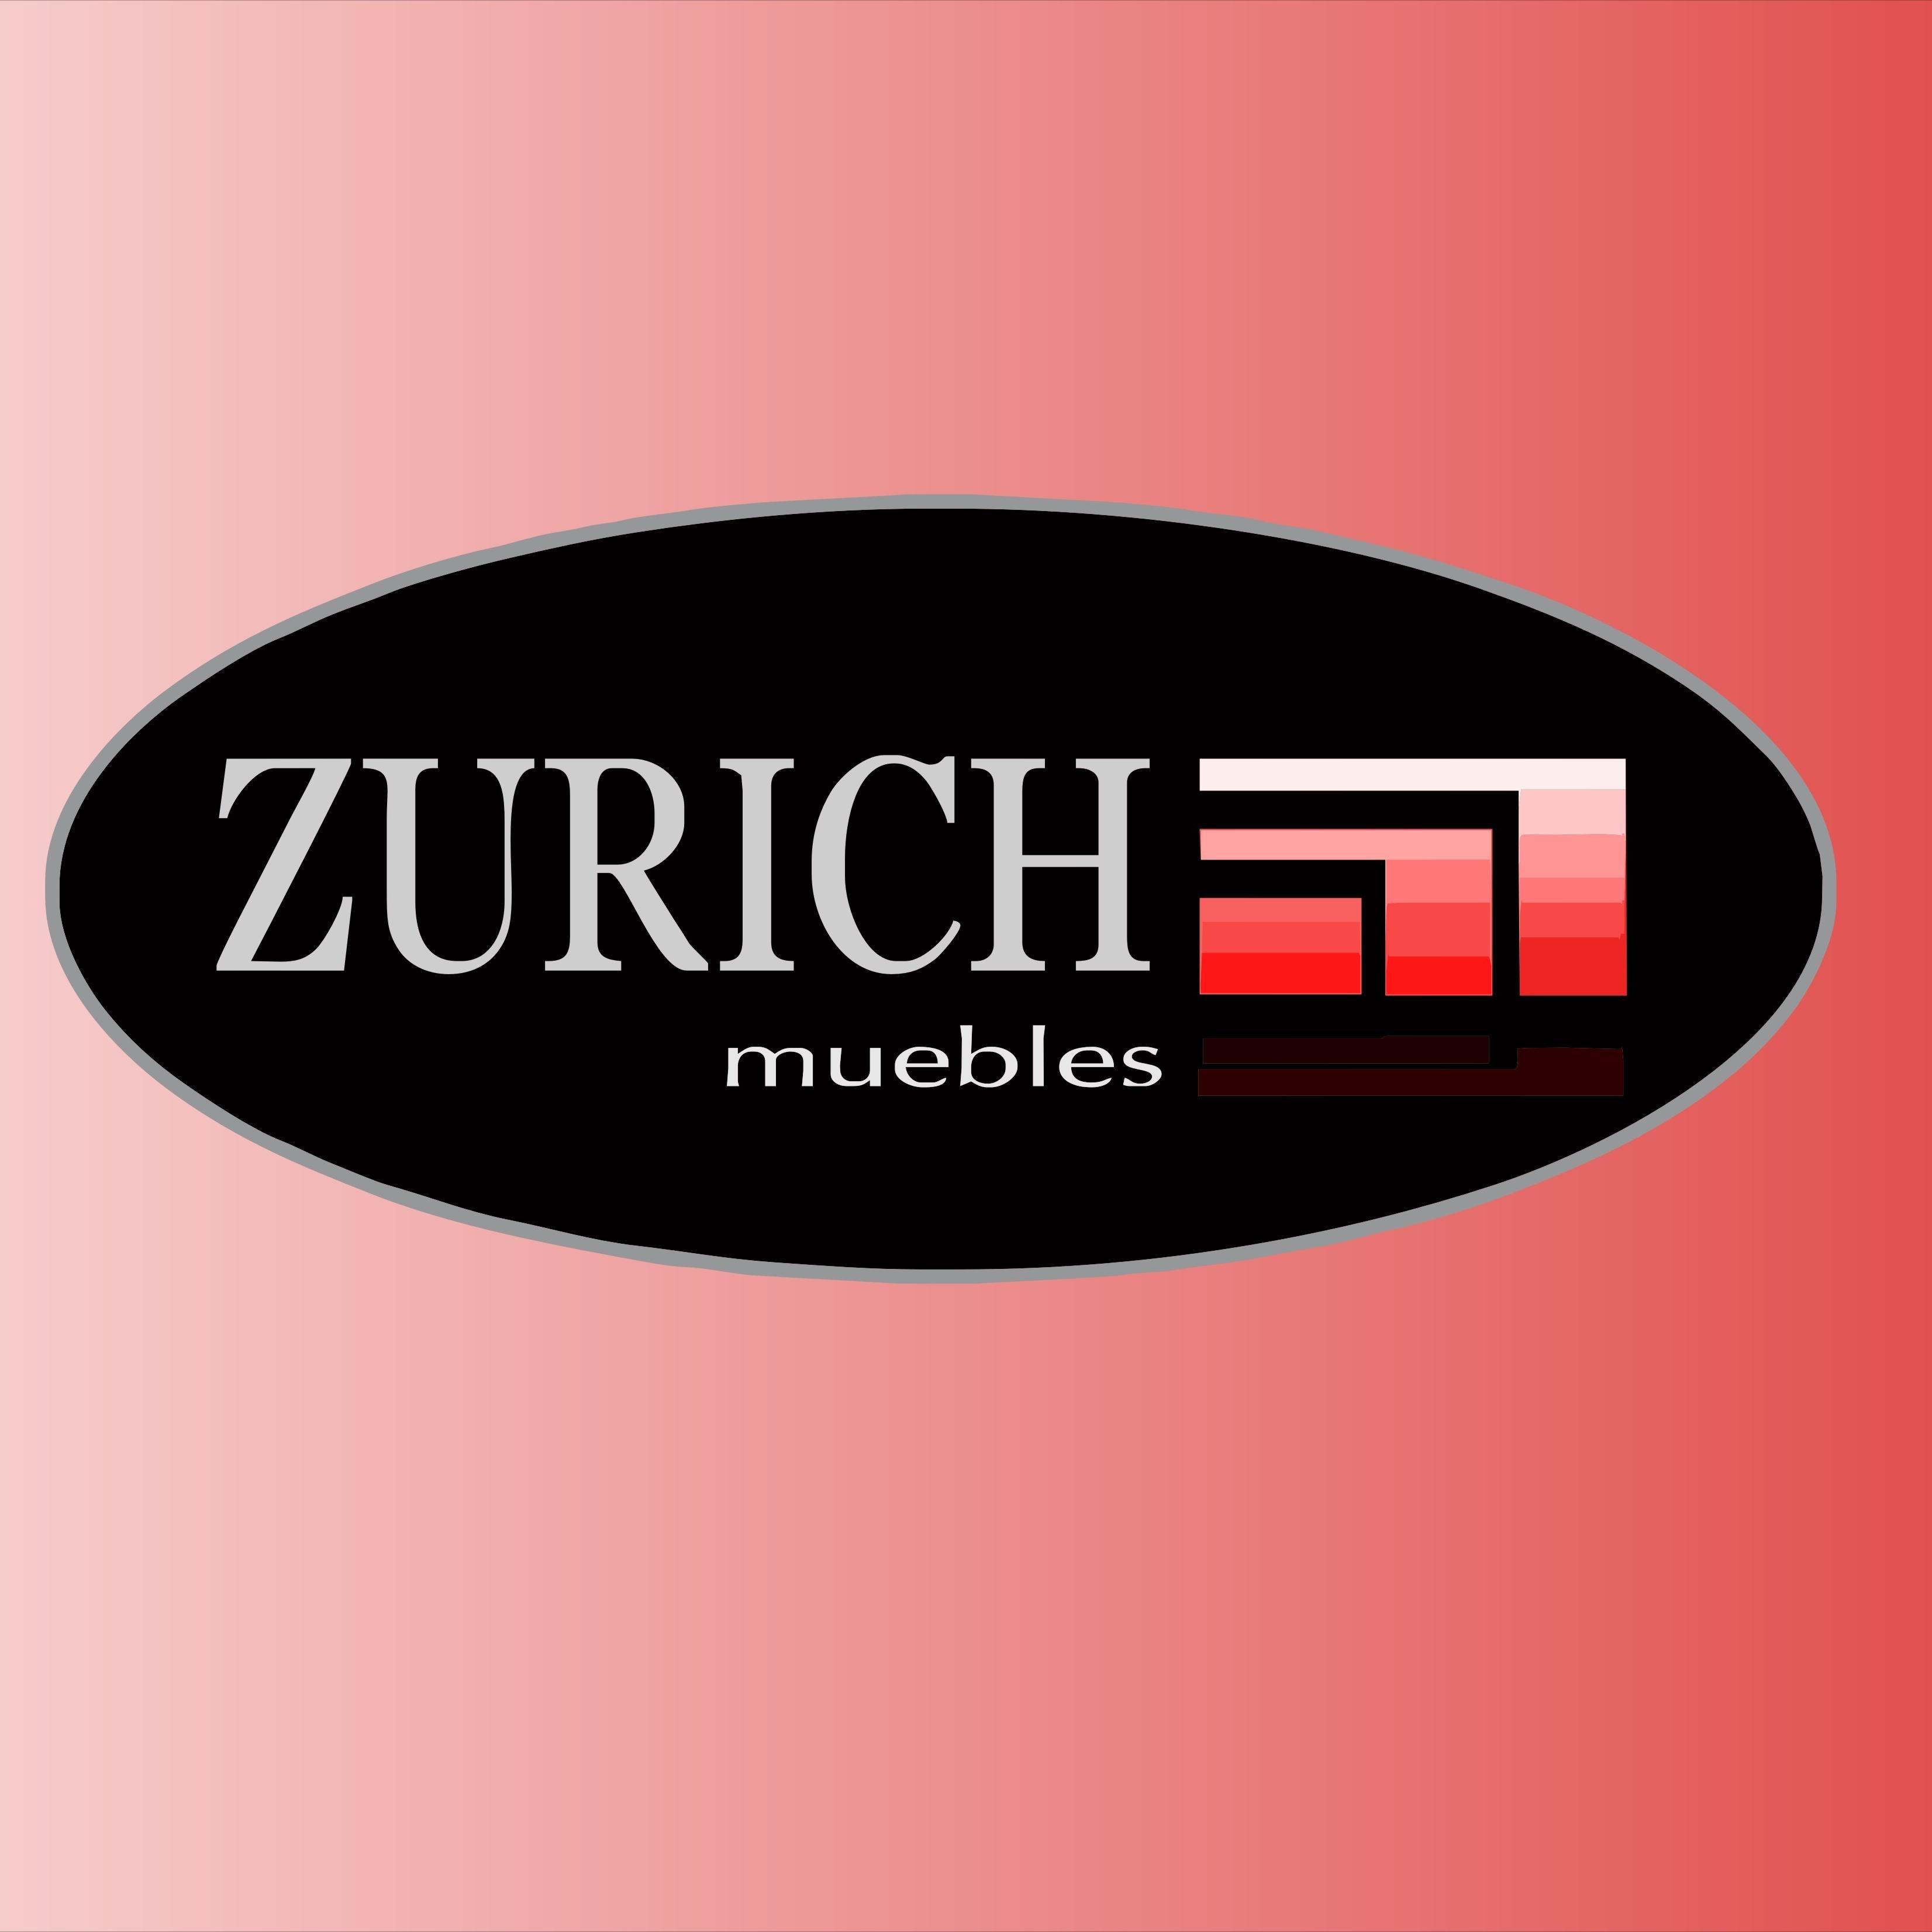 Muebles Zurich San Luis Potosi - Zurich Muebles Zurich_muebles Twitter[mjhdah]https://pbs.twimg.com/media/B26t5pKCQAAfgJH.jpg